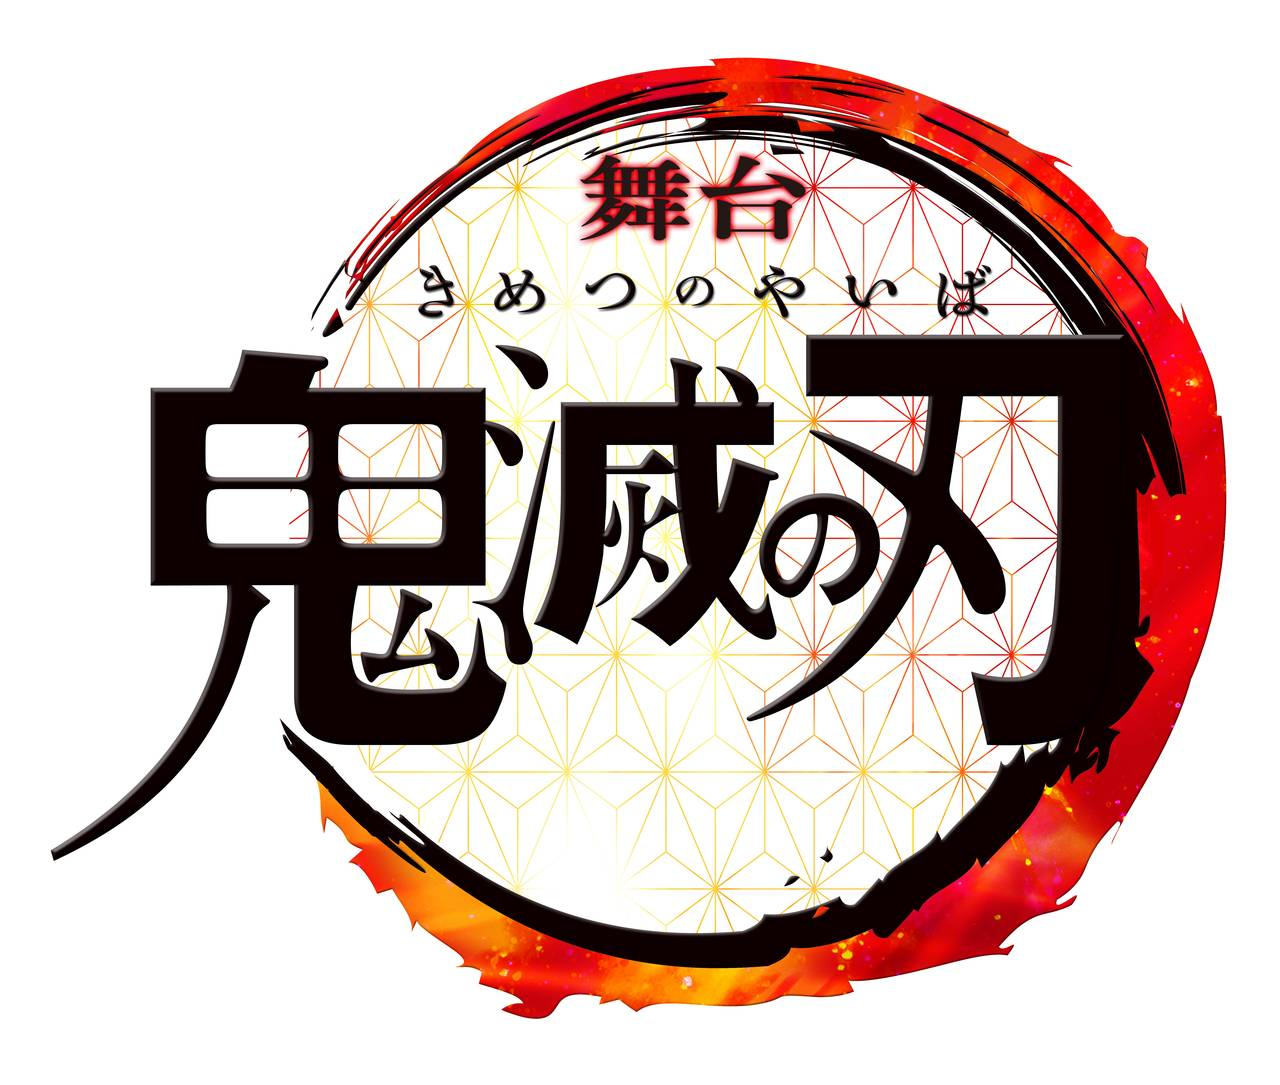 『鬼滅の刃』舞台化決定!脚本・演出は末満健一、音楽は和田俊輔の最強タッグ!